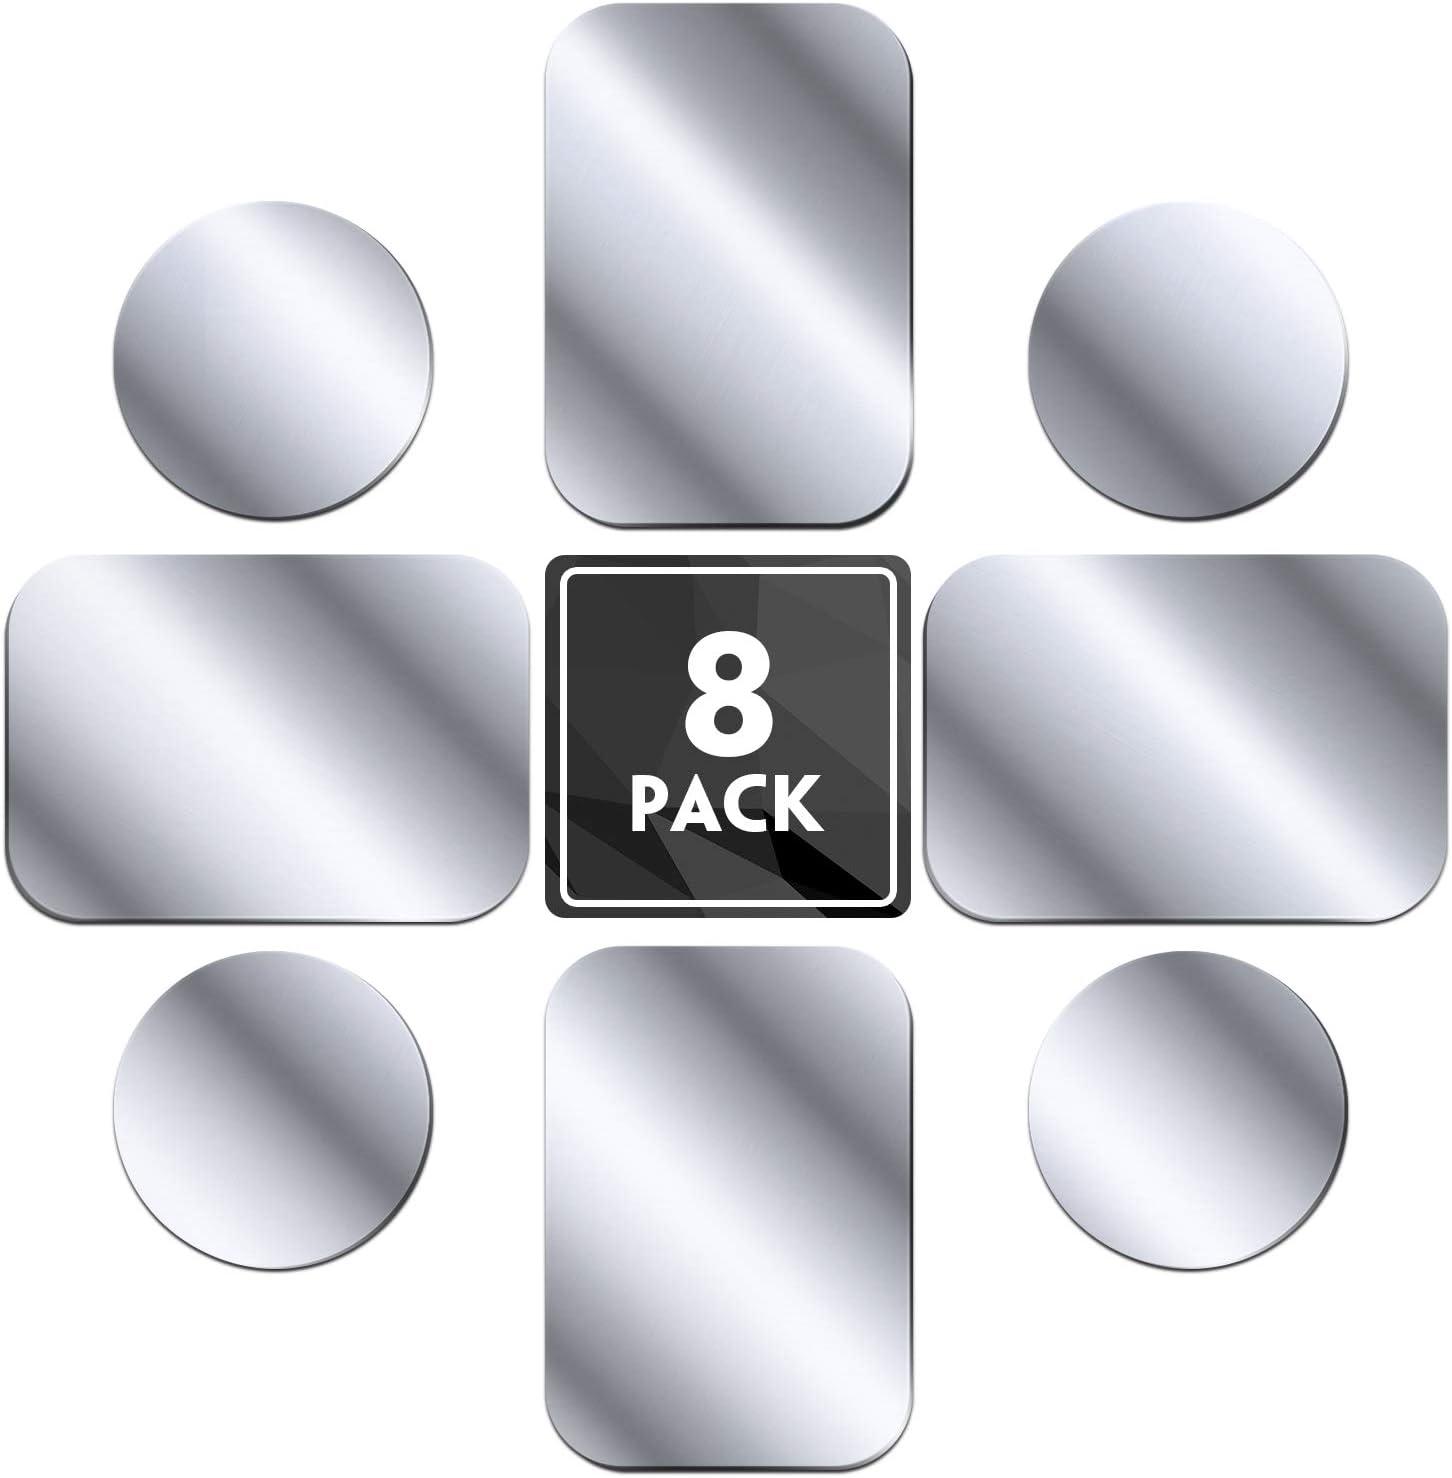 MENNYO Láminas Metálicas 8 Piezas para Soporte iman movil Coche, Reemplazo de Placa de Metal Muy Finas Adhesivo Soporte movil Coche magnético - 4 Redondos y 4 rectángulos